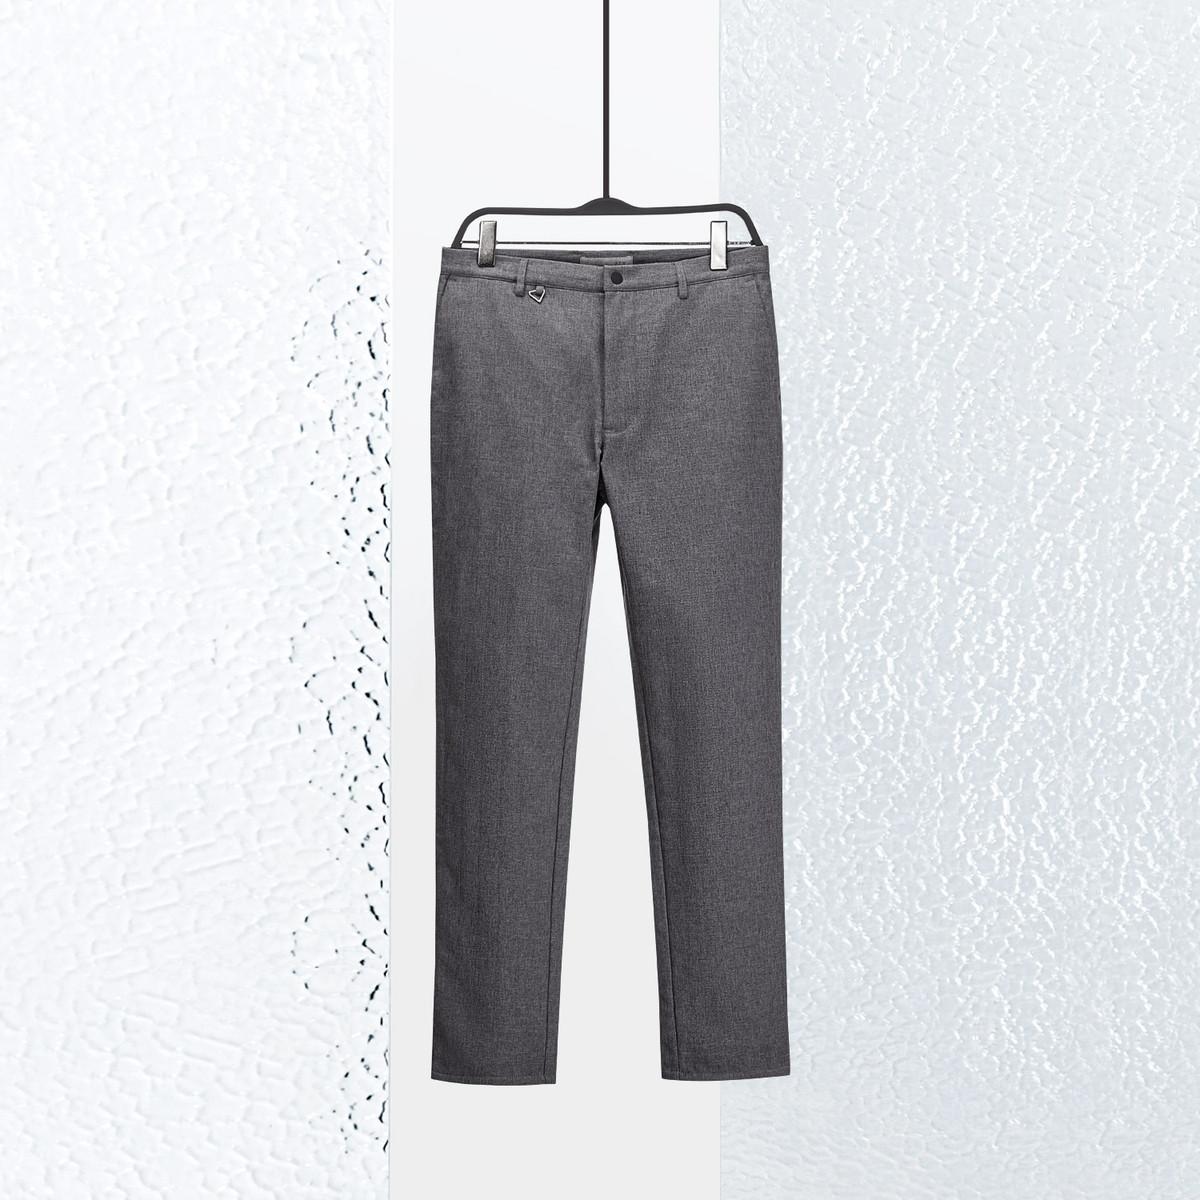 AEXAEX男装冬季热卖男士加绒加厚保暖舒适合身休闲裤KKCAJ48045A80